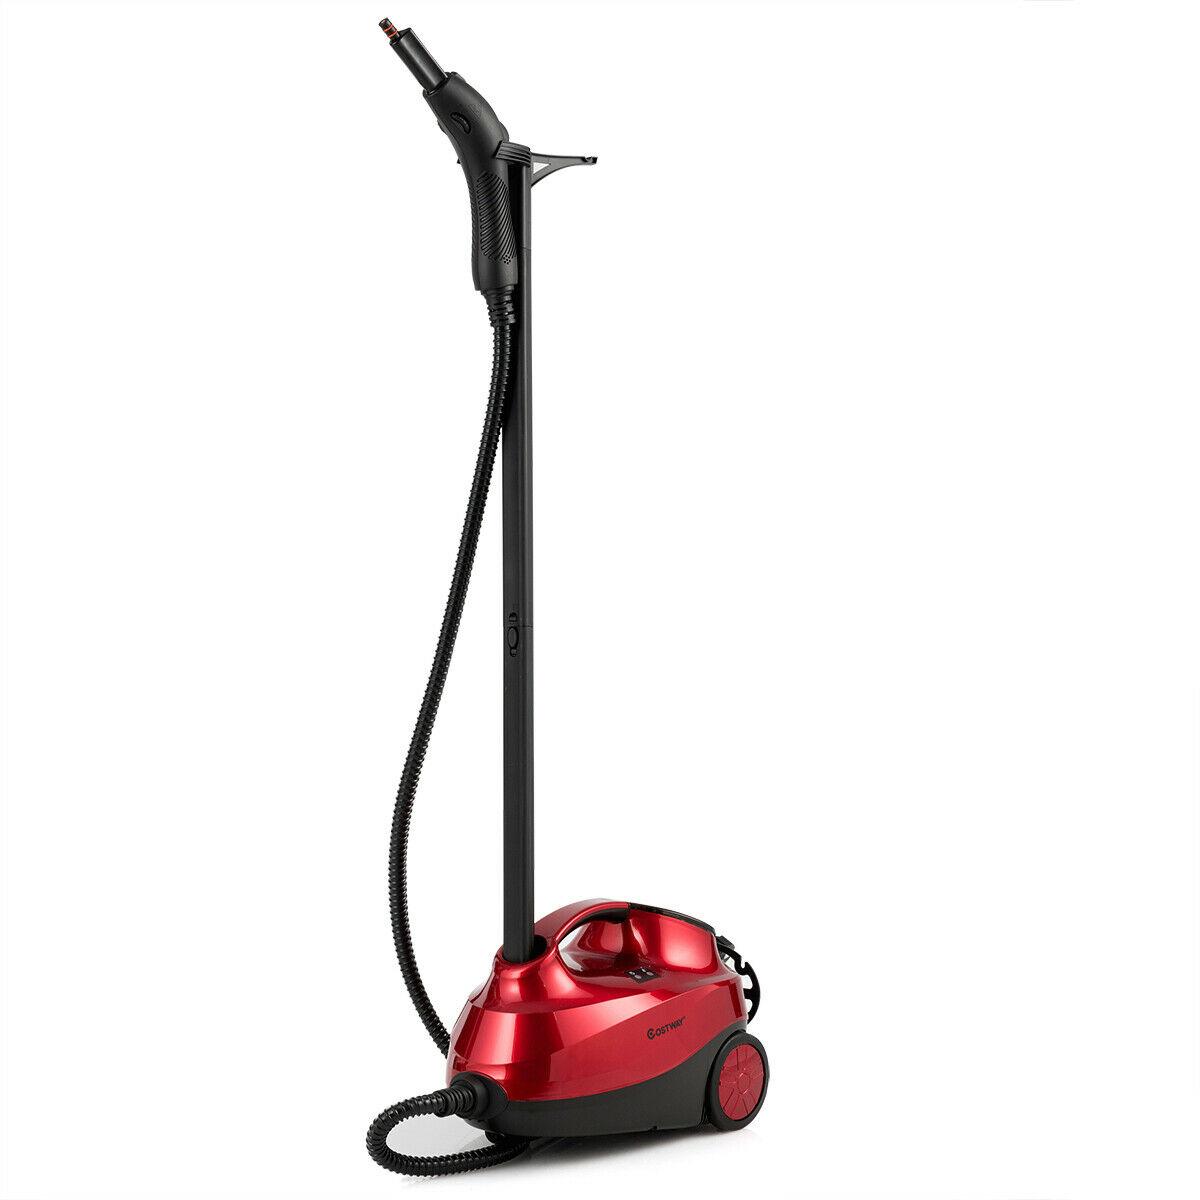 2000W Heavy Duty Steam Cleaner Mop Multi-purpose